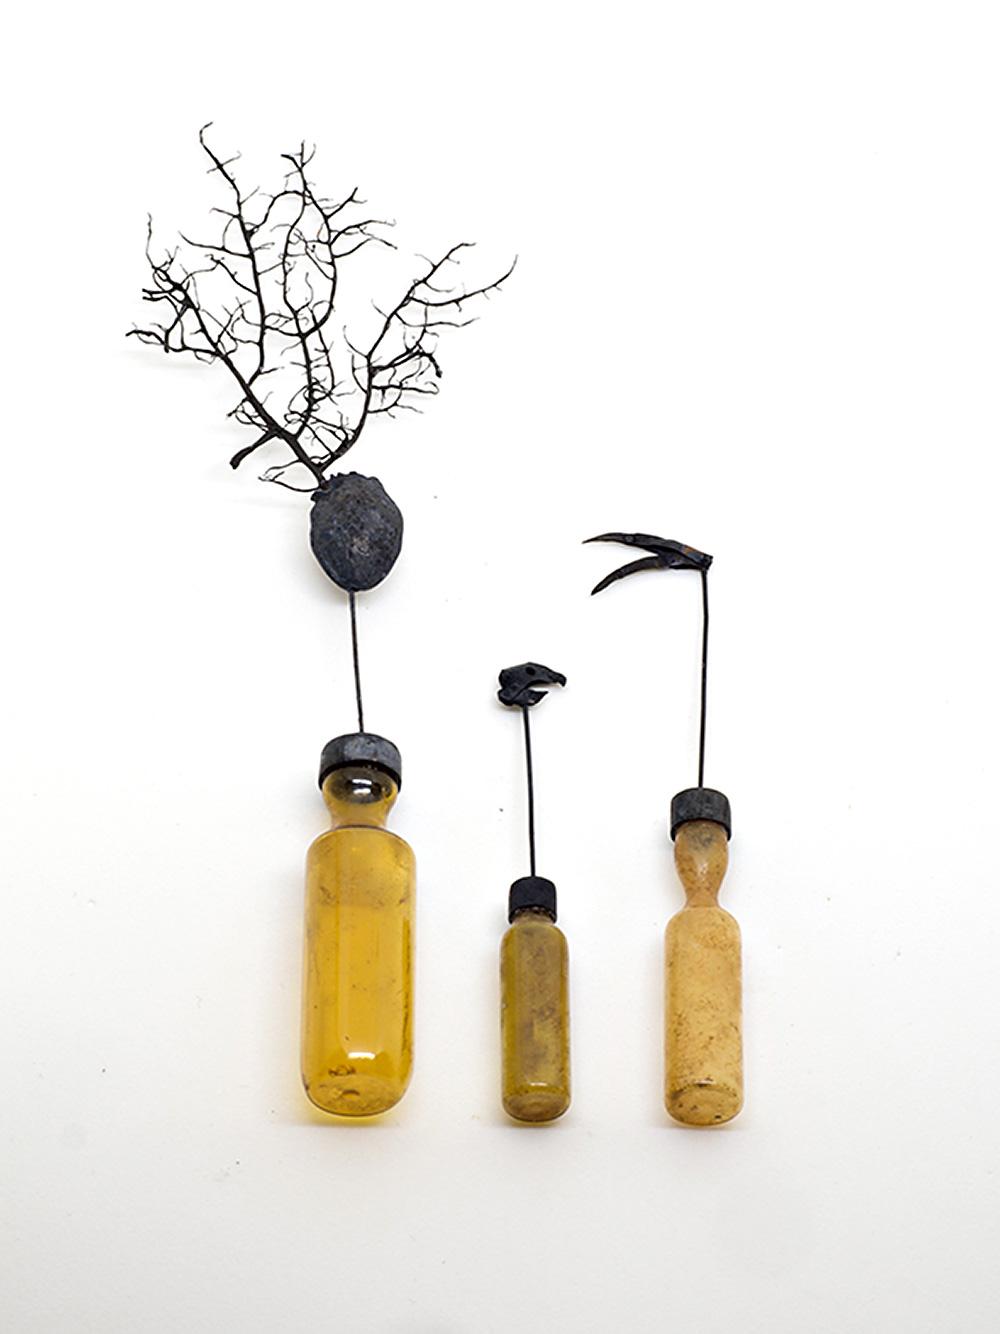 אין תוכו כברו, נגה הראל, פרט (בקבוקוני זכוכית שמהפקק שלהם צומחים אלמנטים שונים ביניהם שורשים מסועפים)